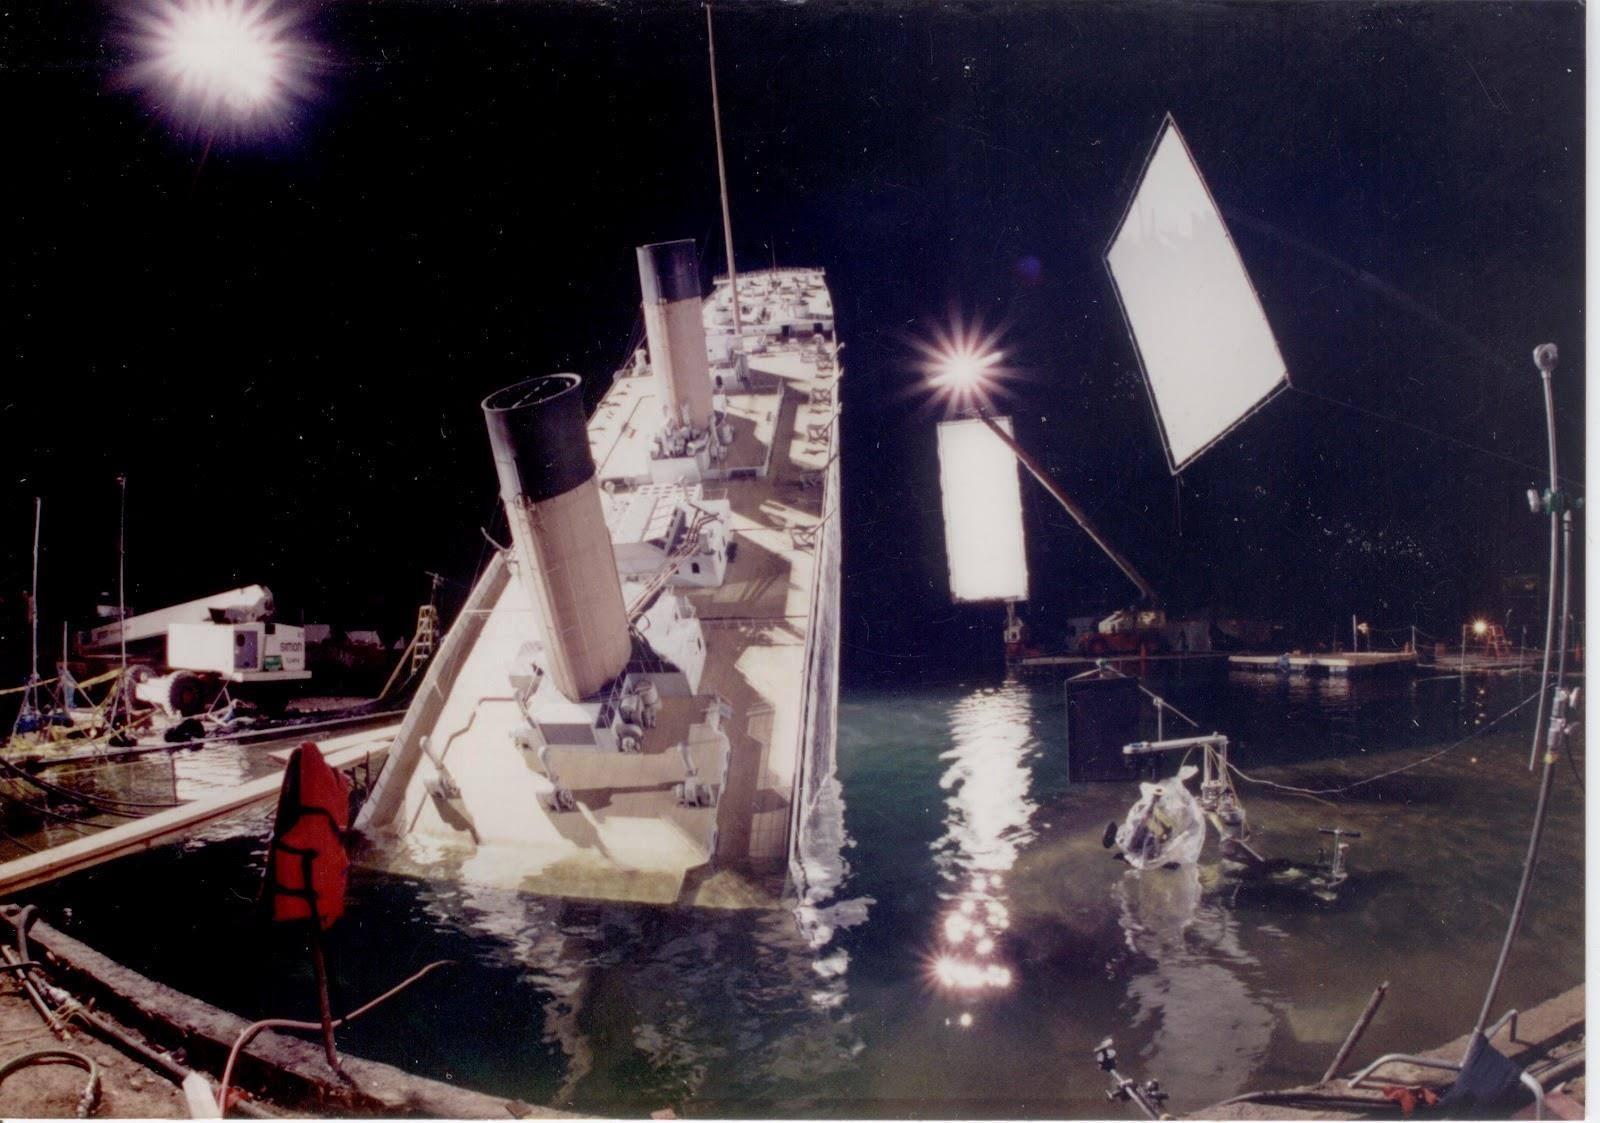 Filme Titanic: bastidores, imagem das filmagens do afundamento do titanic